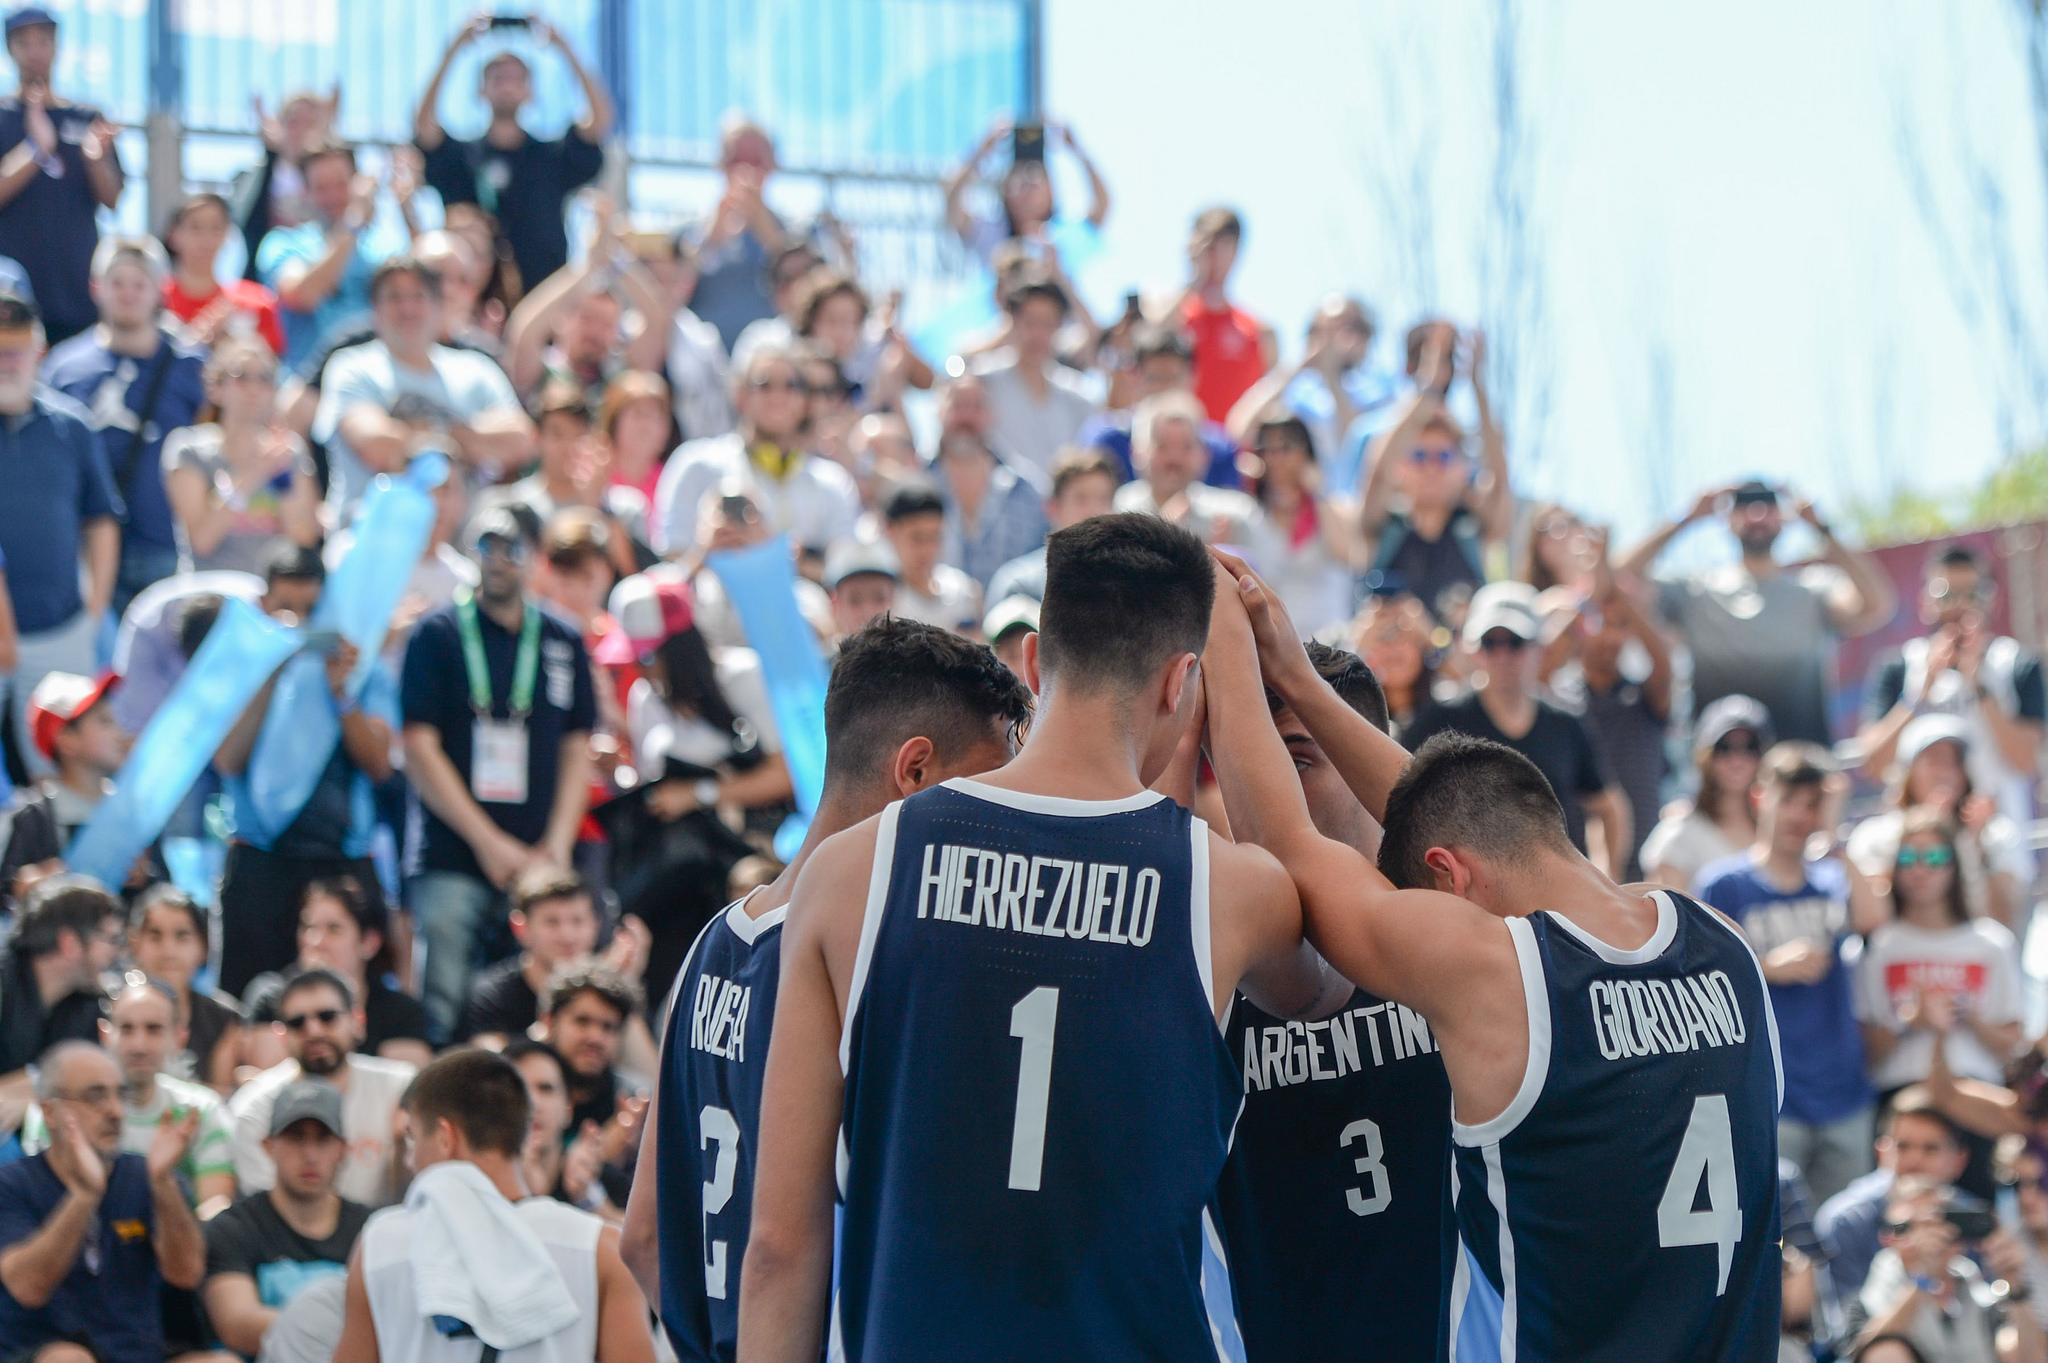 Argentina confirmó su plantel para el Mundial U18 de 3x3